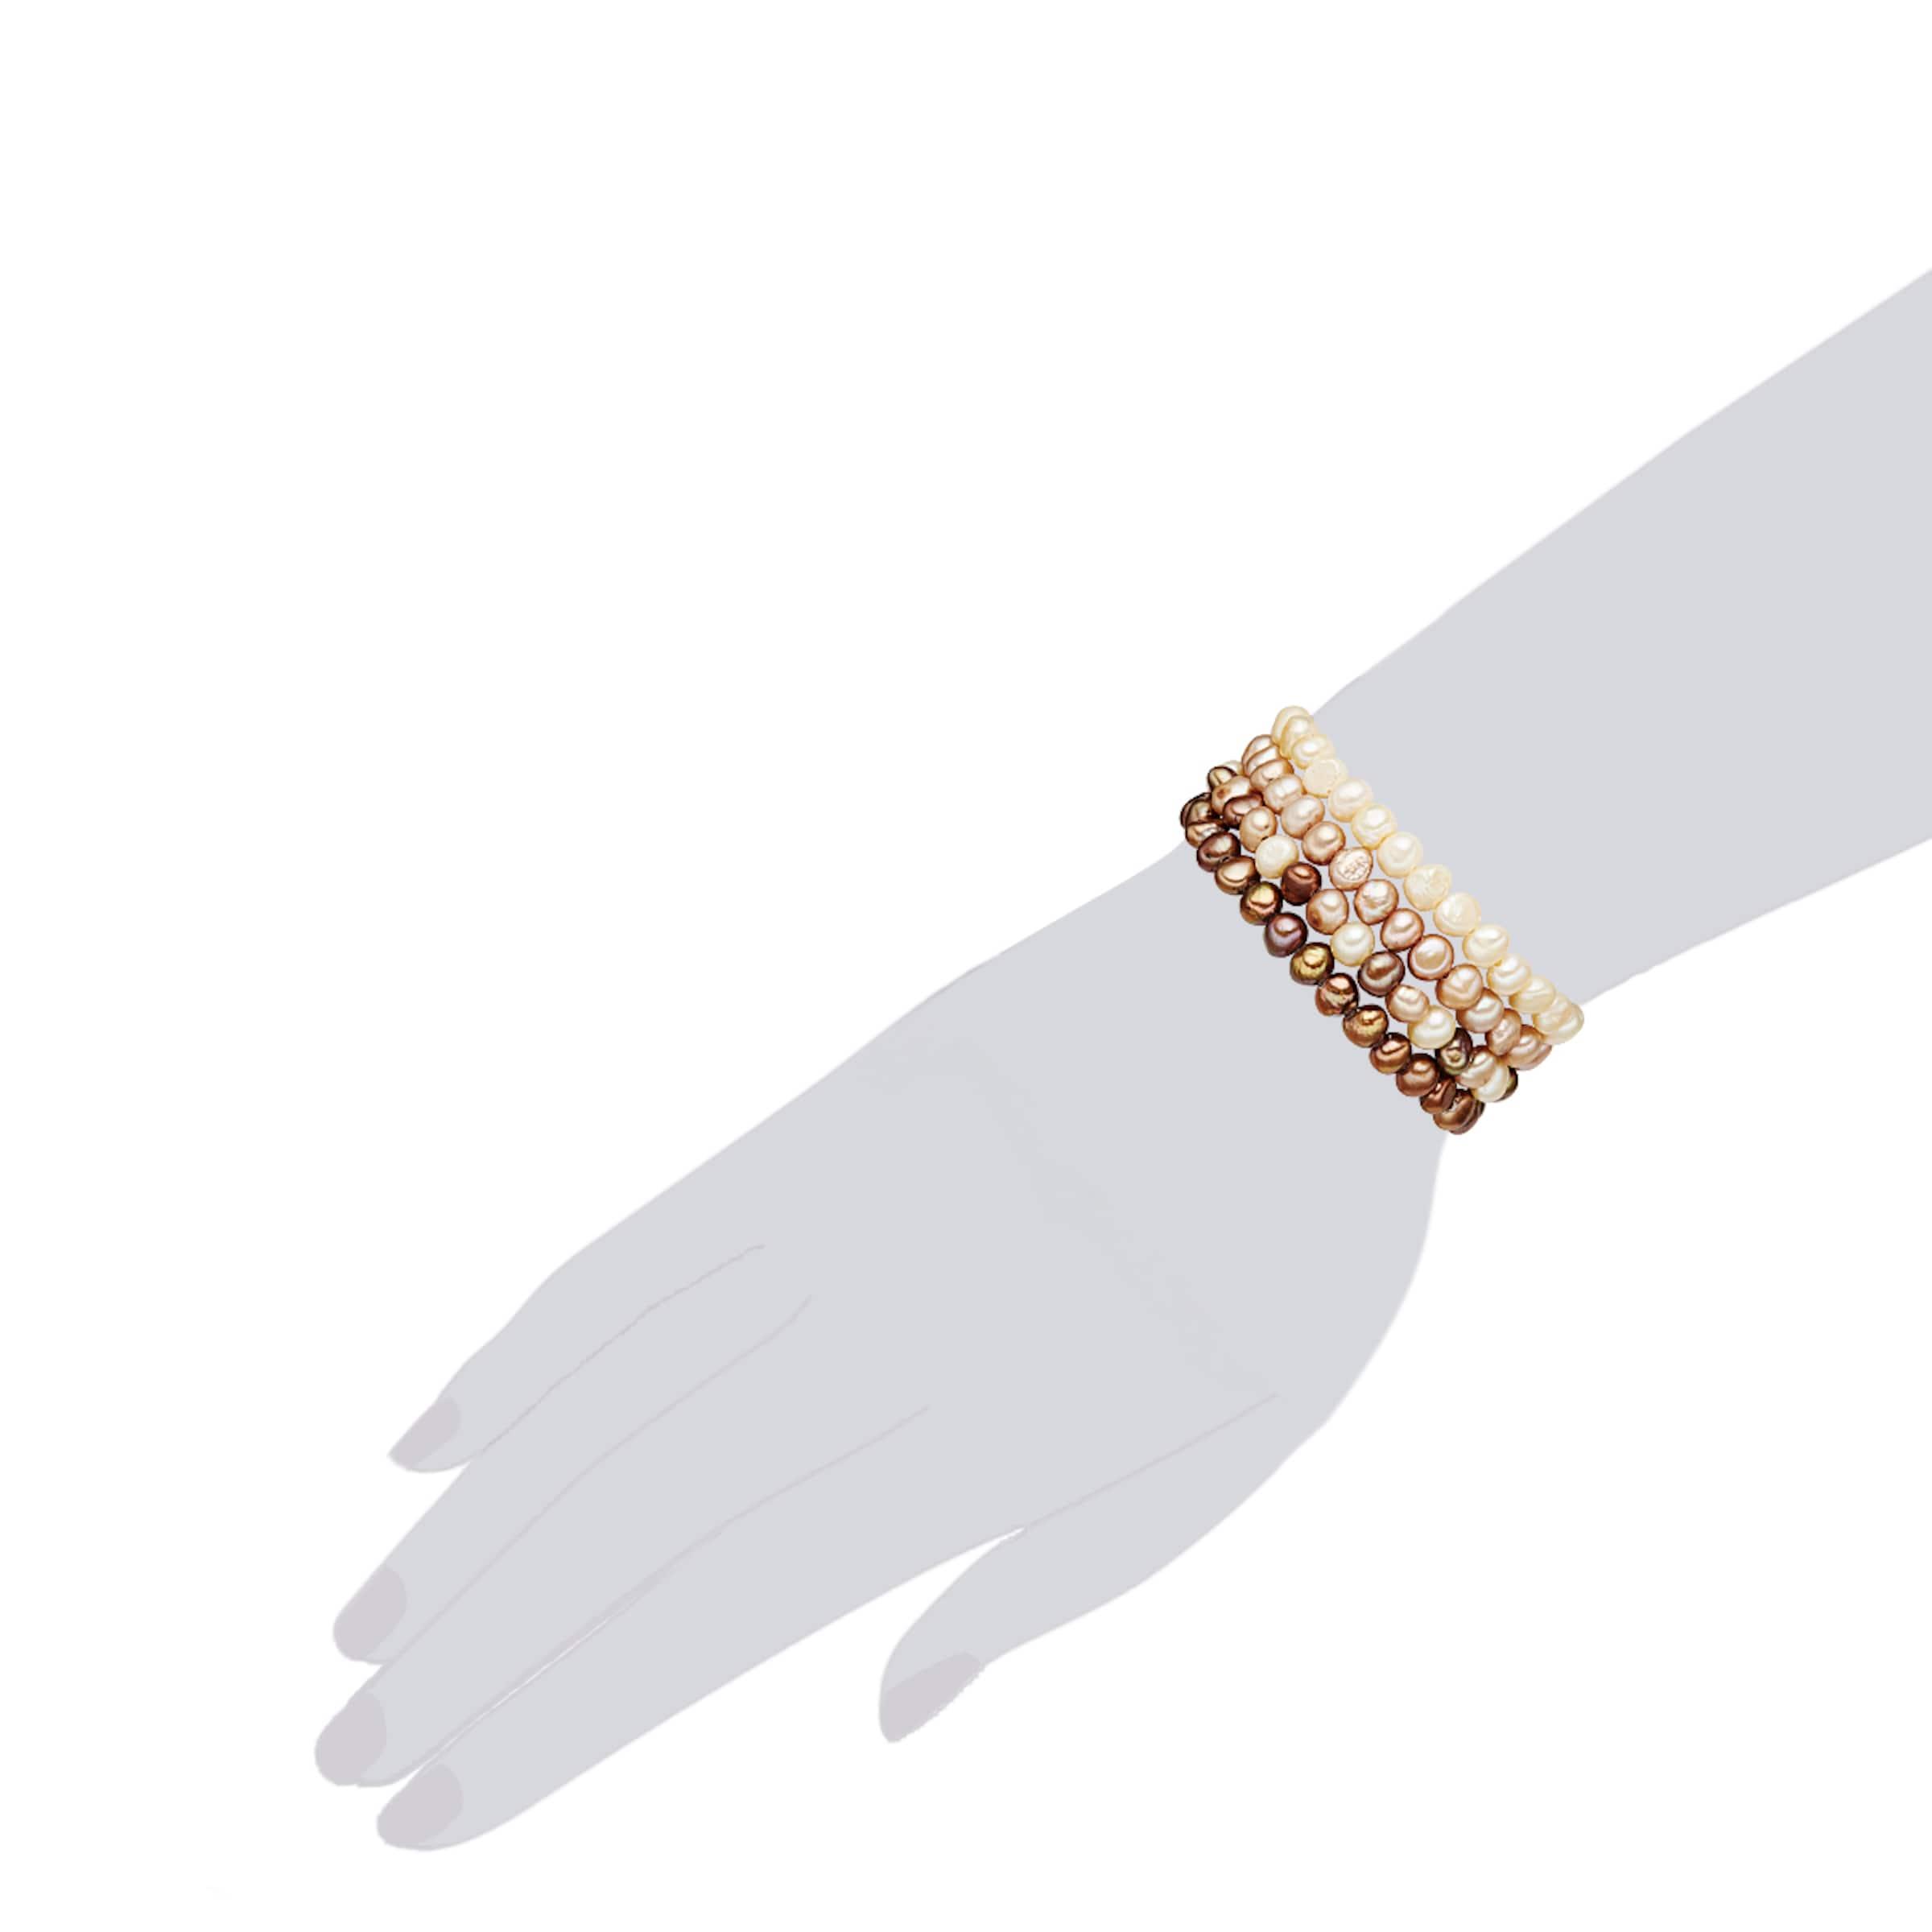 Angebote Zum Verkauf Tolle Valero Pearls Armband mit Süßwasser-Zuchtperlen Bestes Geschäft Zu Bekommen Pgron6K3p0